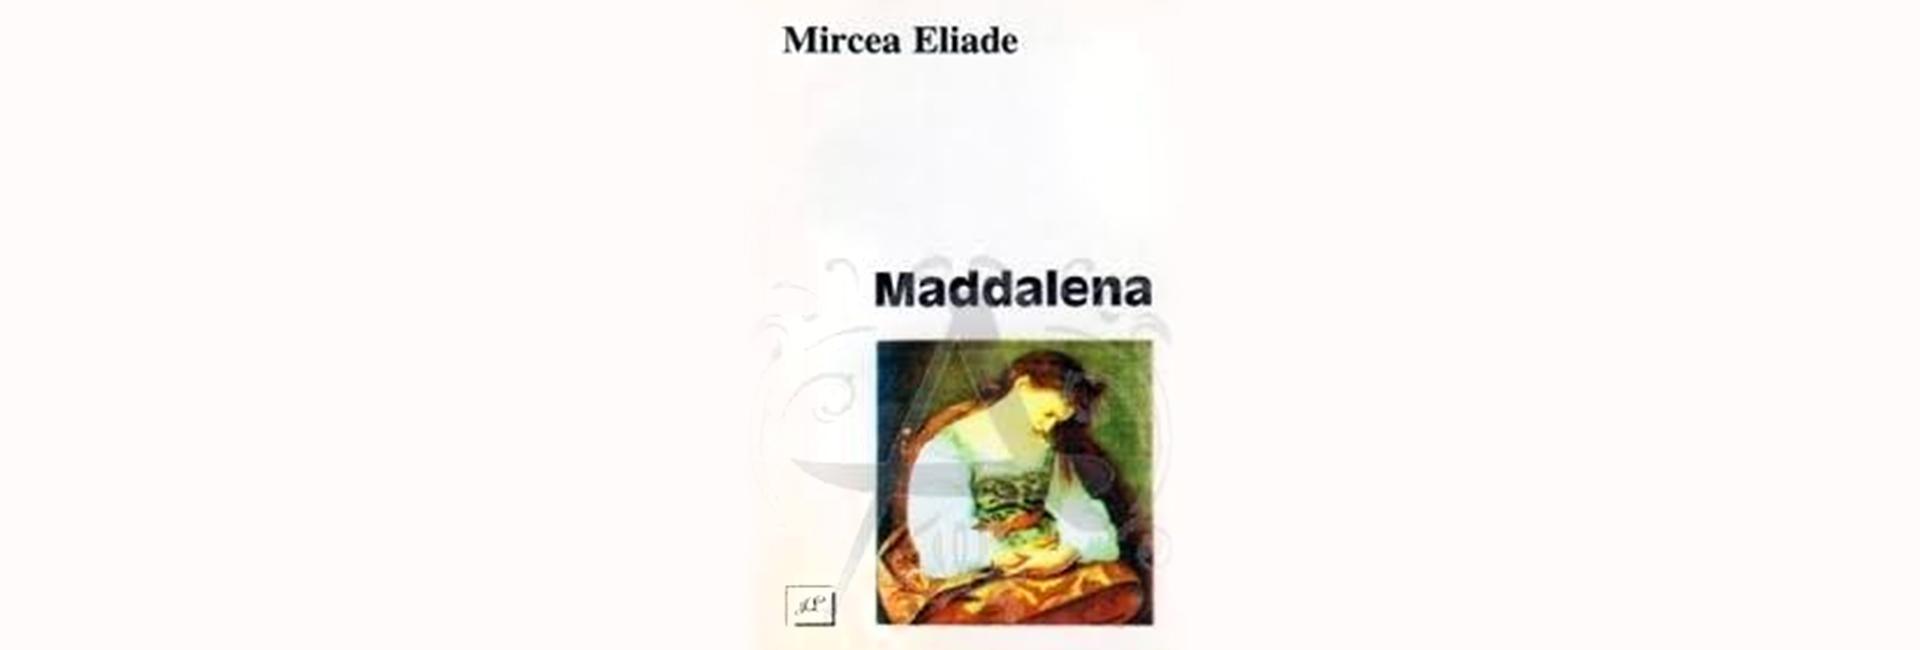 Mircea Eliade - slider